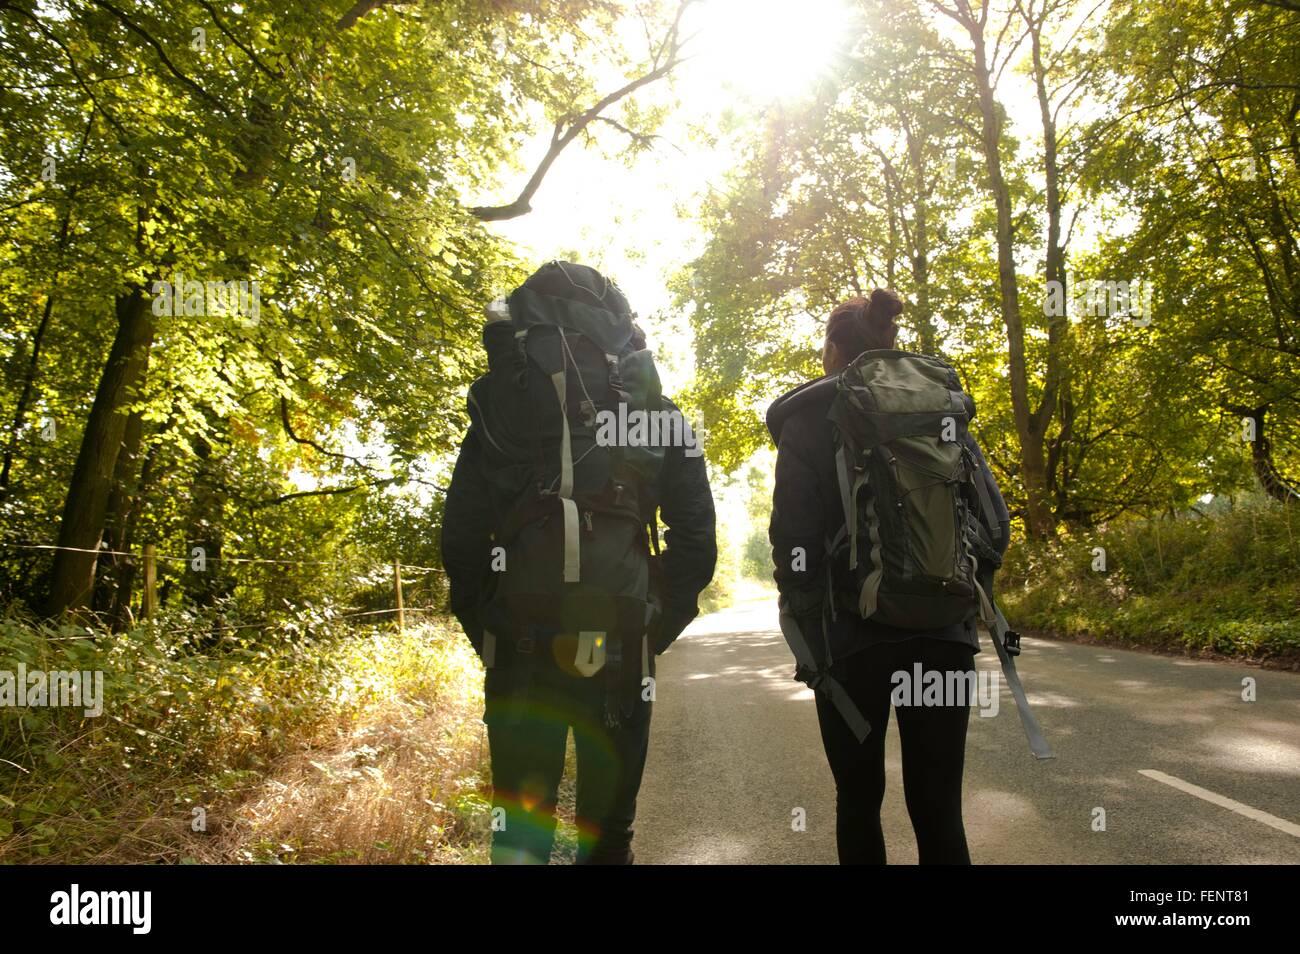 Vista posteriore del giovane escursionismo giovane sulla strada rurale Immagini Stock